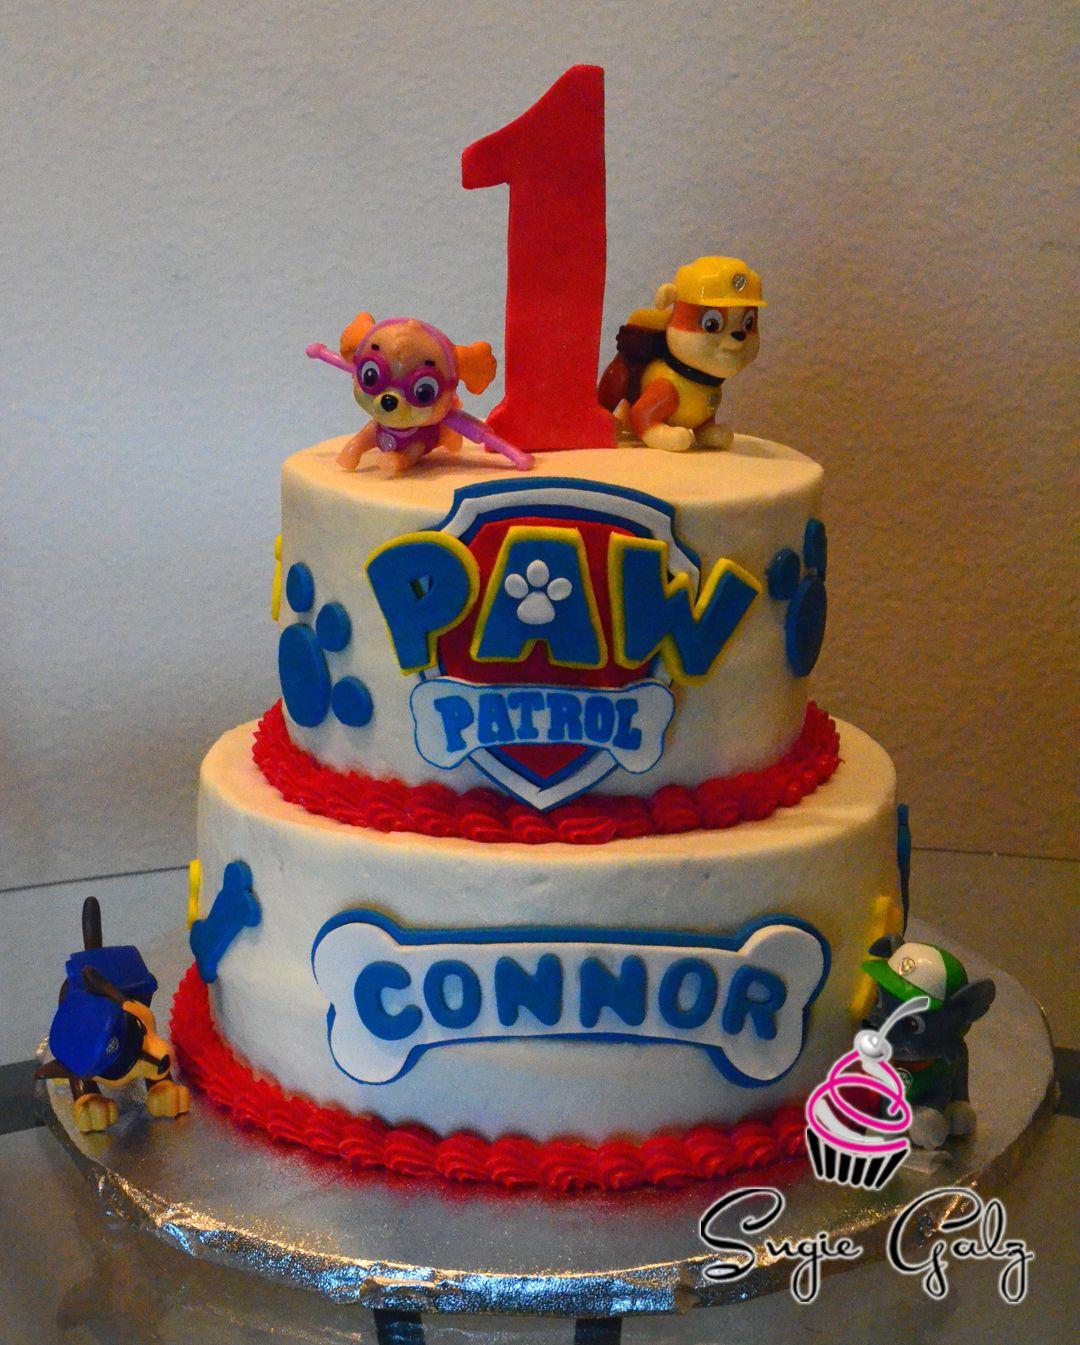 Paw Patrol First Birthday Cake By Sugie Galz In Austin Texas